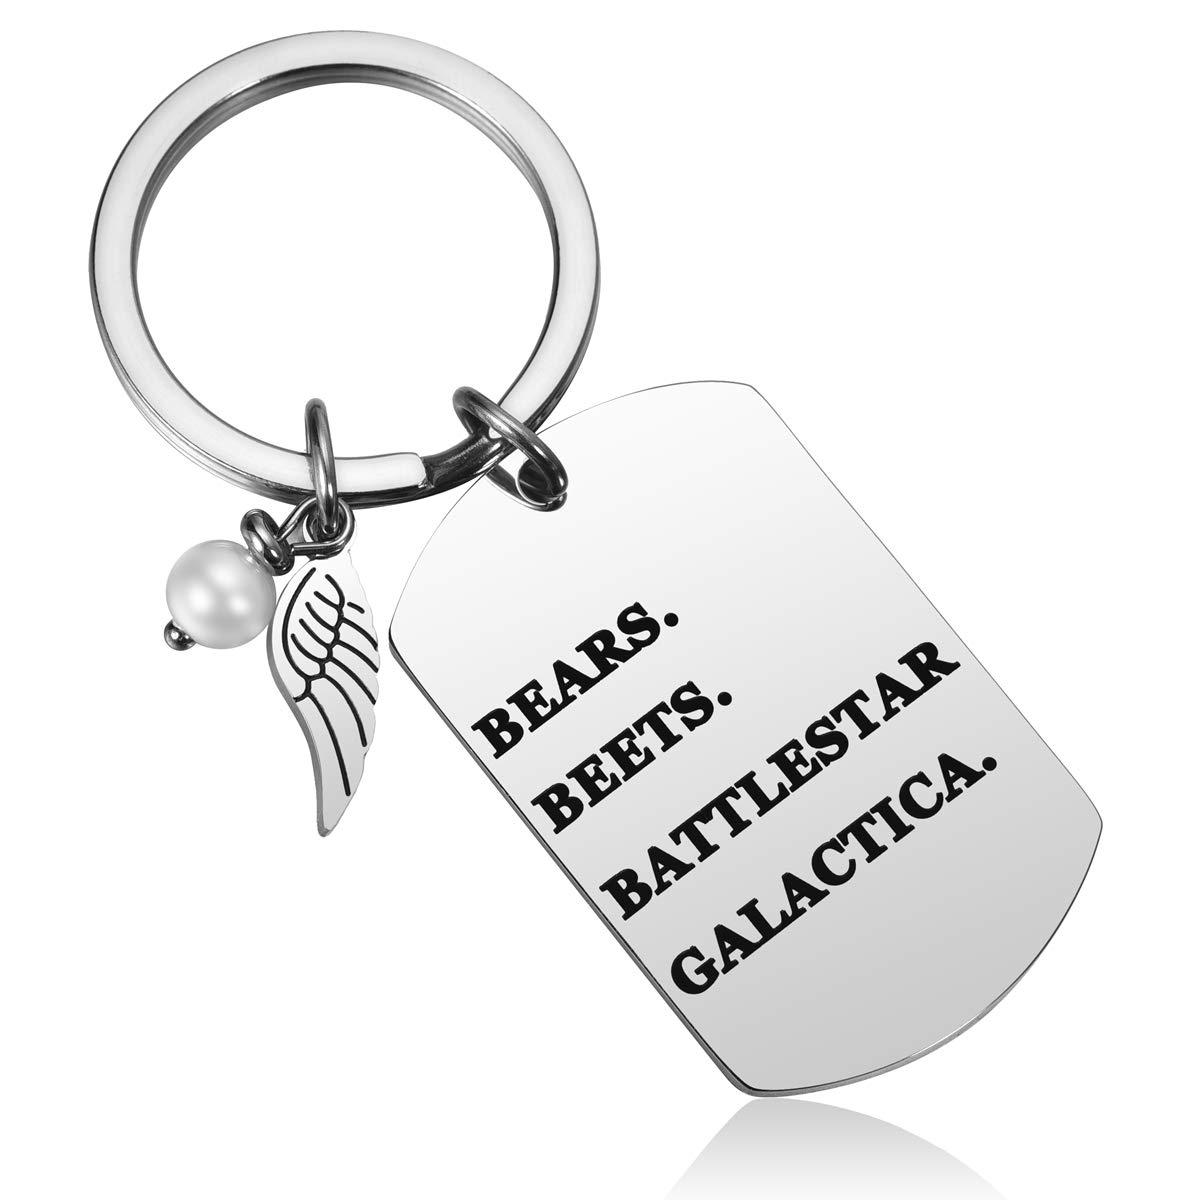 JZSTA Bears Beets Battlestar Galactica Jim Dwight Schrute The Office キーホルダー Dunder Mifflin   B07N76MHS2